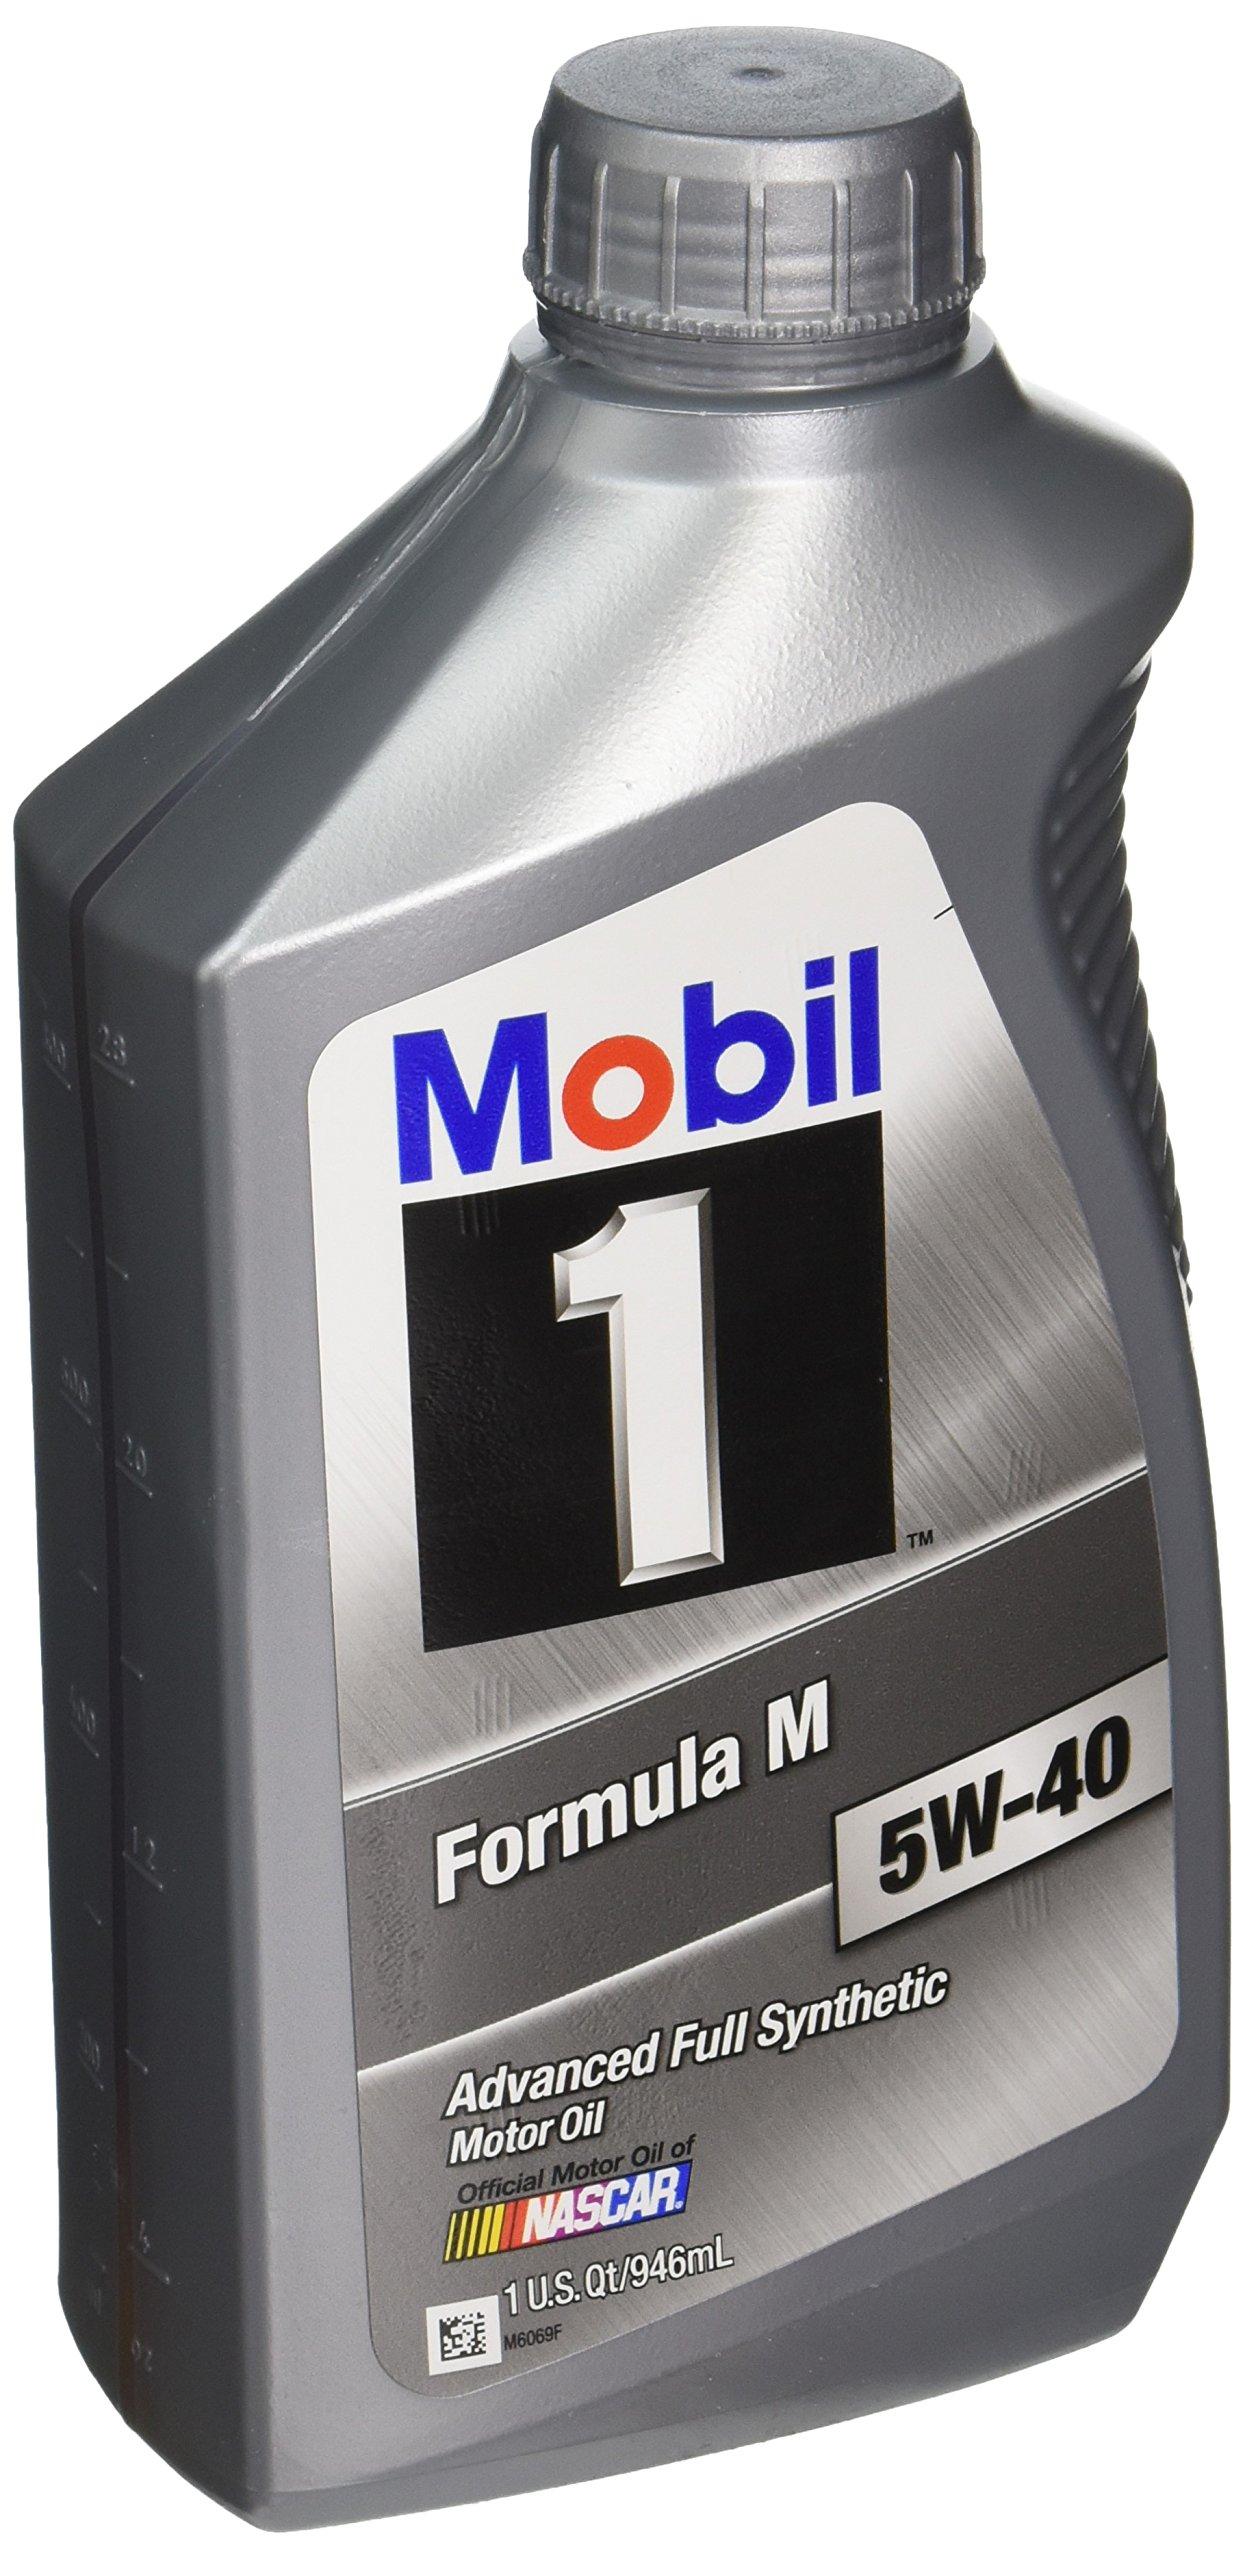 Mobil 1 122094 5W-40 Formula M Motor Oil - 1 Quart Bottle 6 Pack